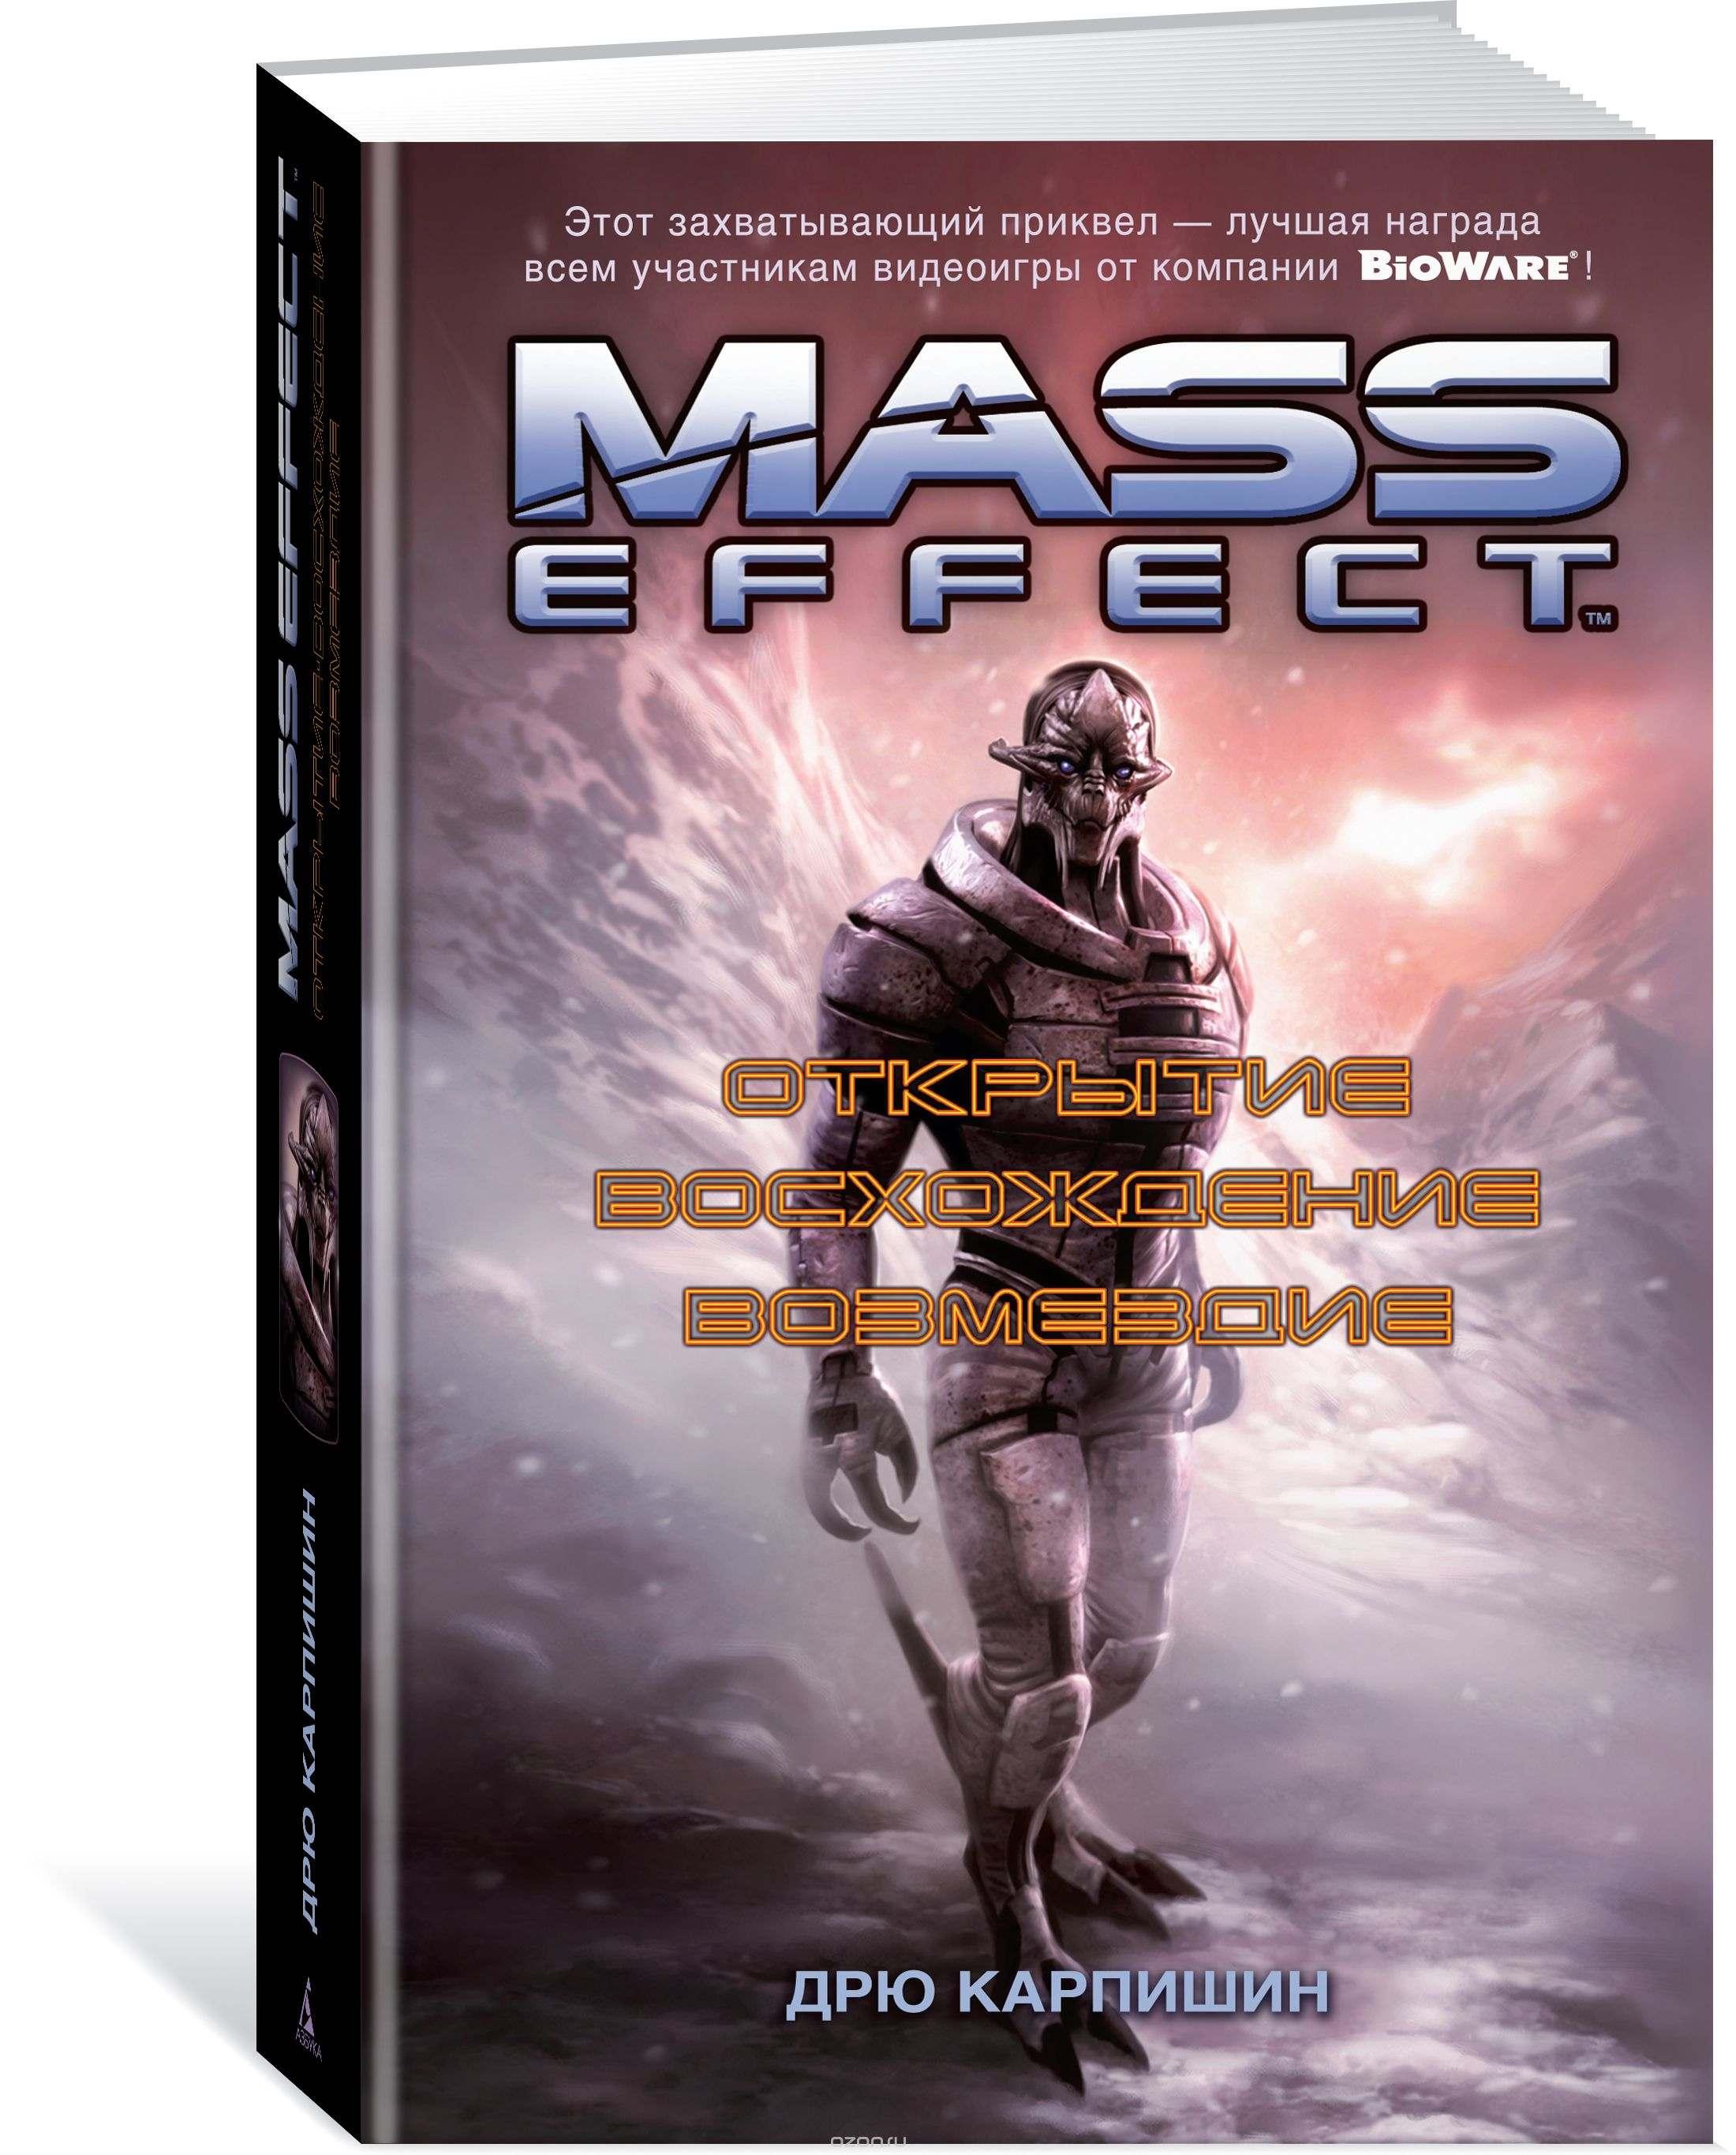 """Книга на русском языке """"Mass Effect. Открытие. Восхождение. Возмездие"""""""